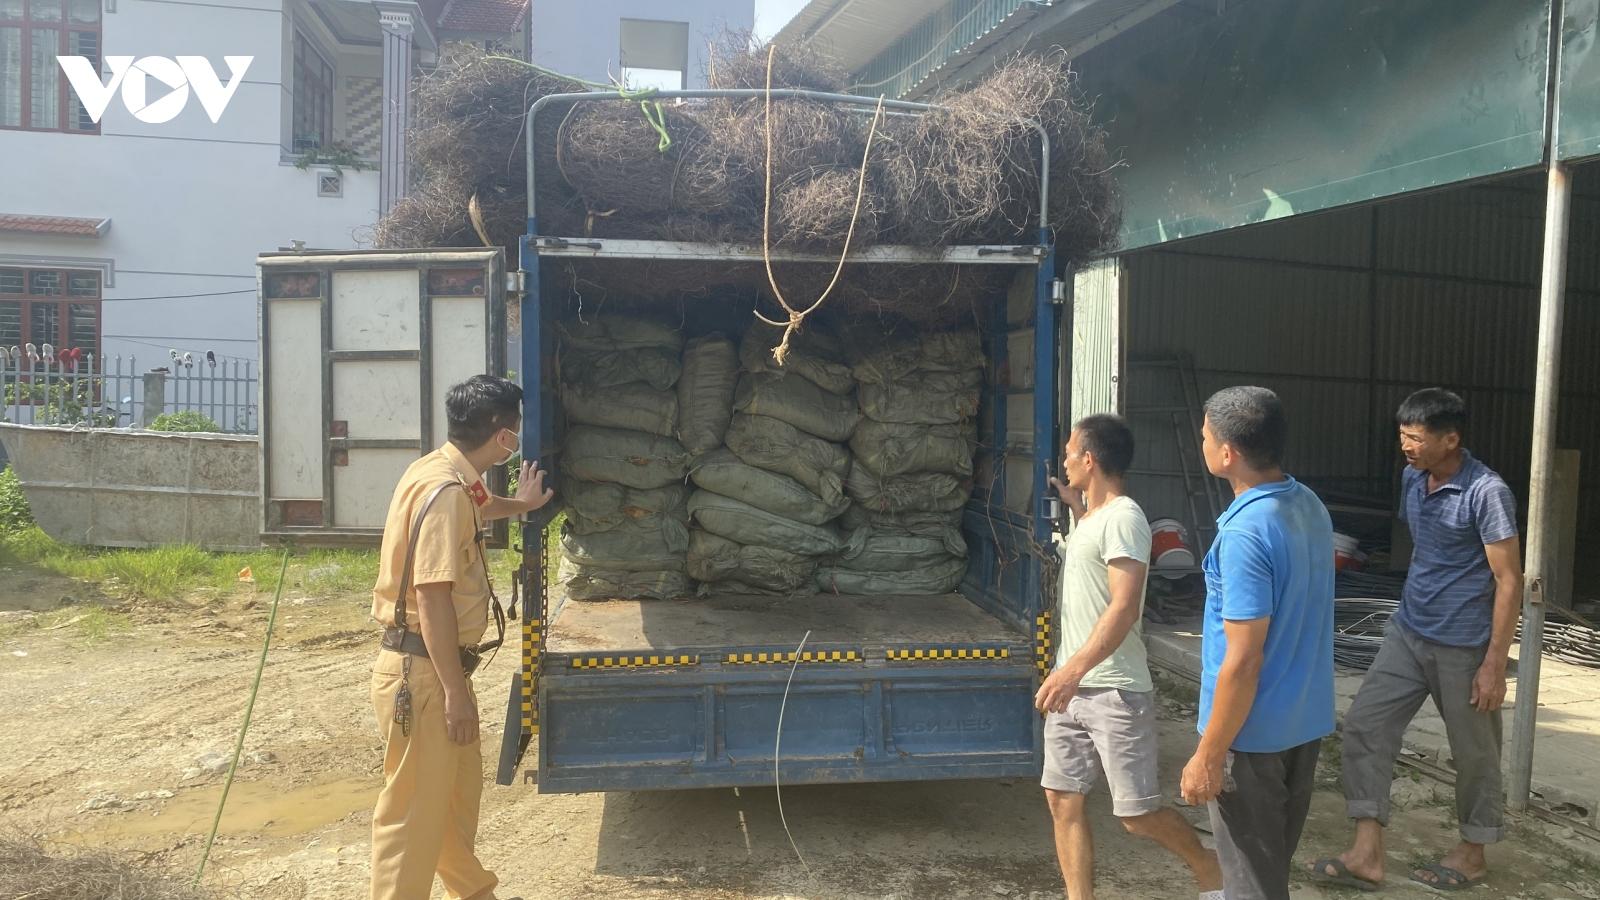 Phát hiện xe tải chở hơn 2 tấn nguyên liệu thuốc lá không rõ nguồn gốc